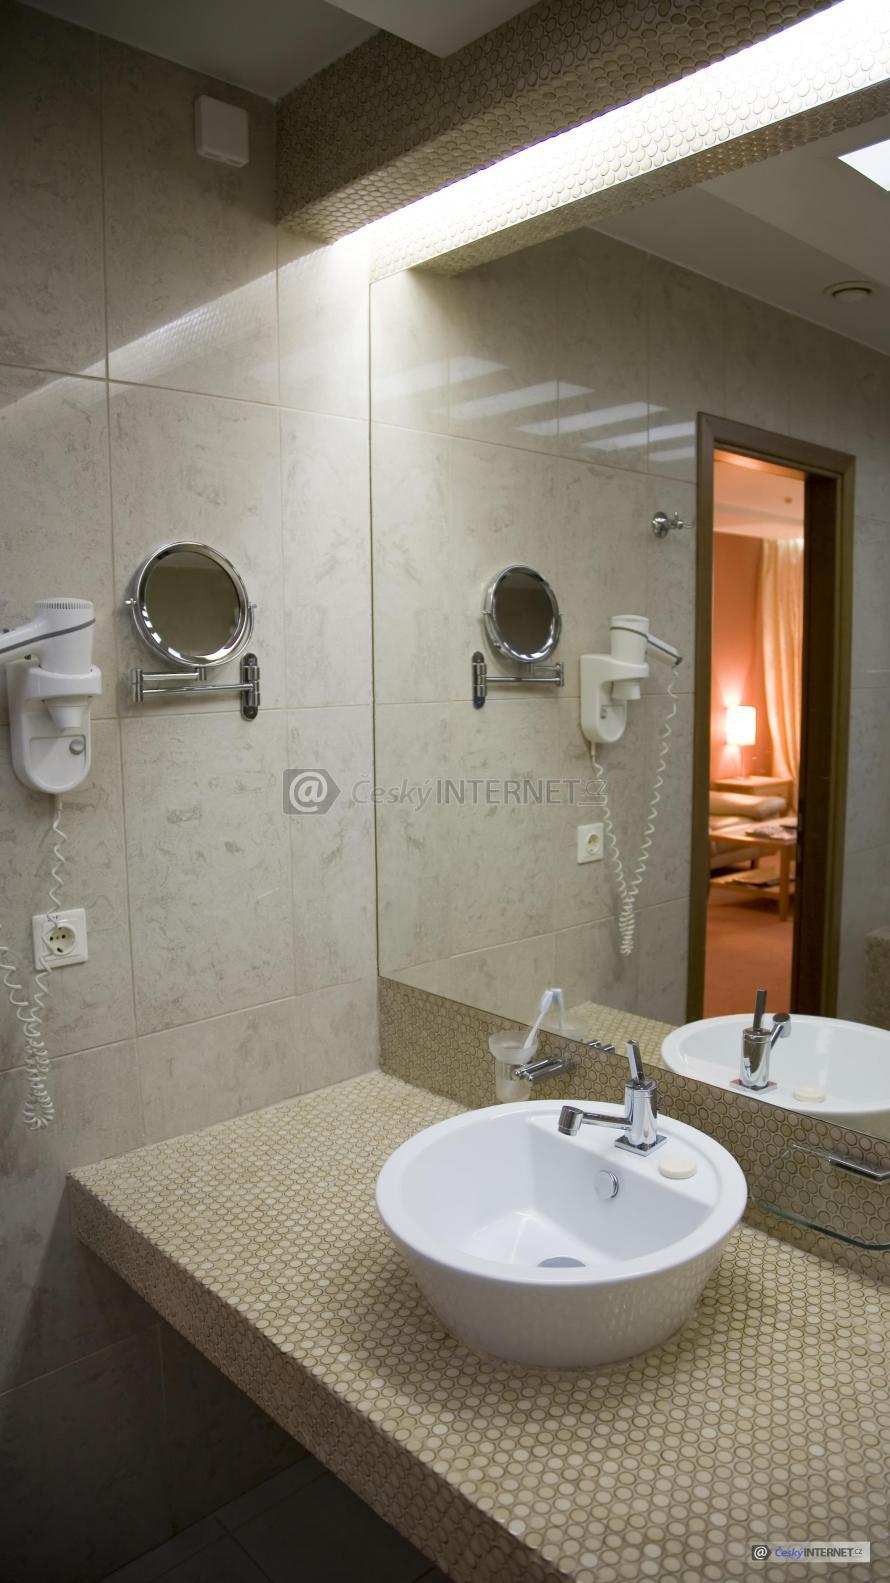 Detail koupelnového zrcadla a umyvadla s baterií.